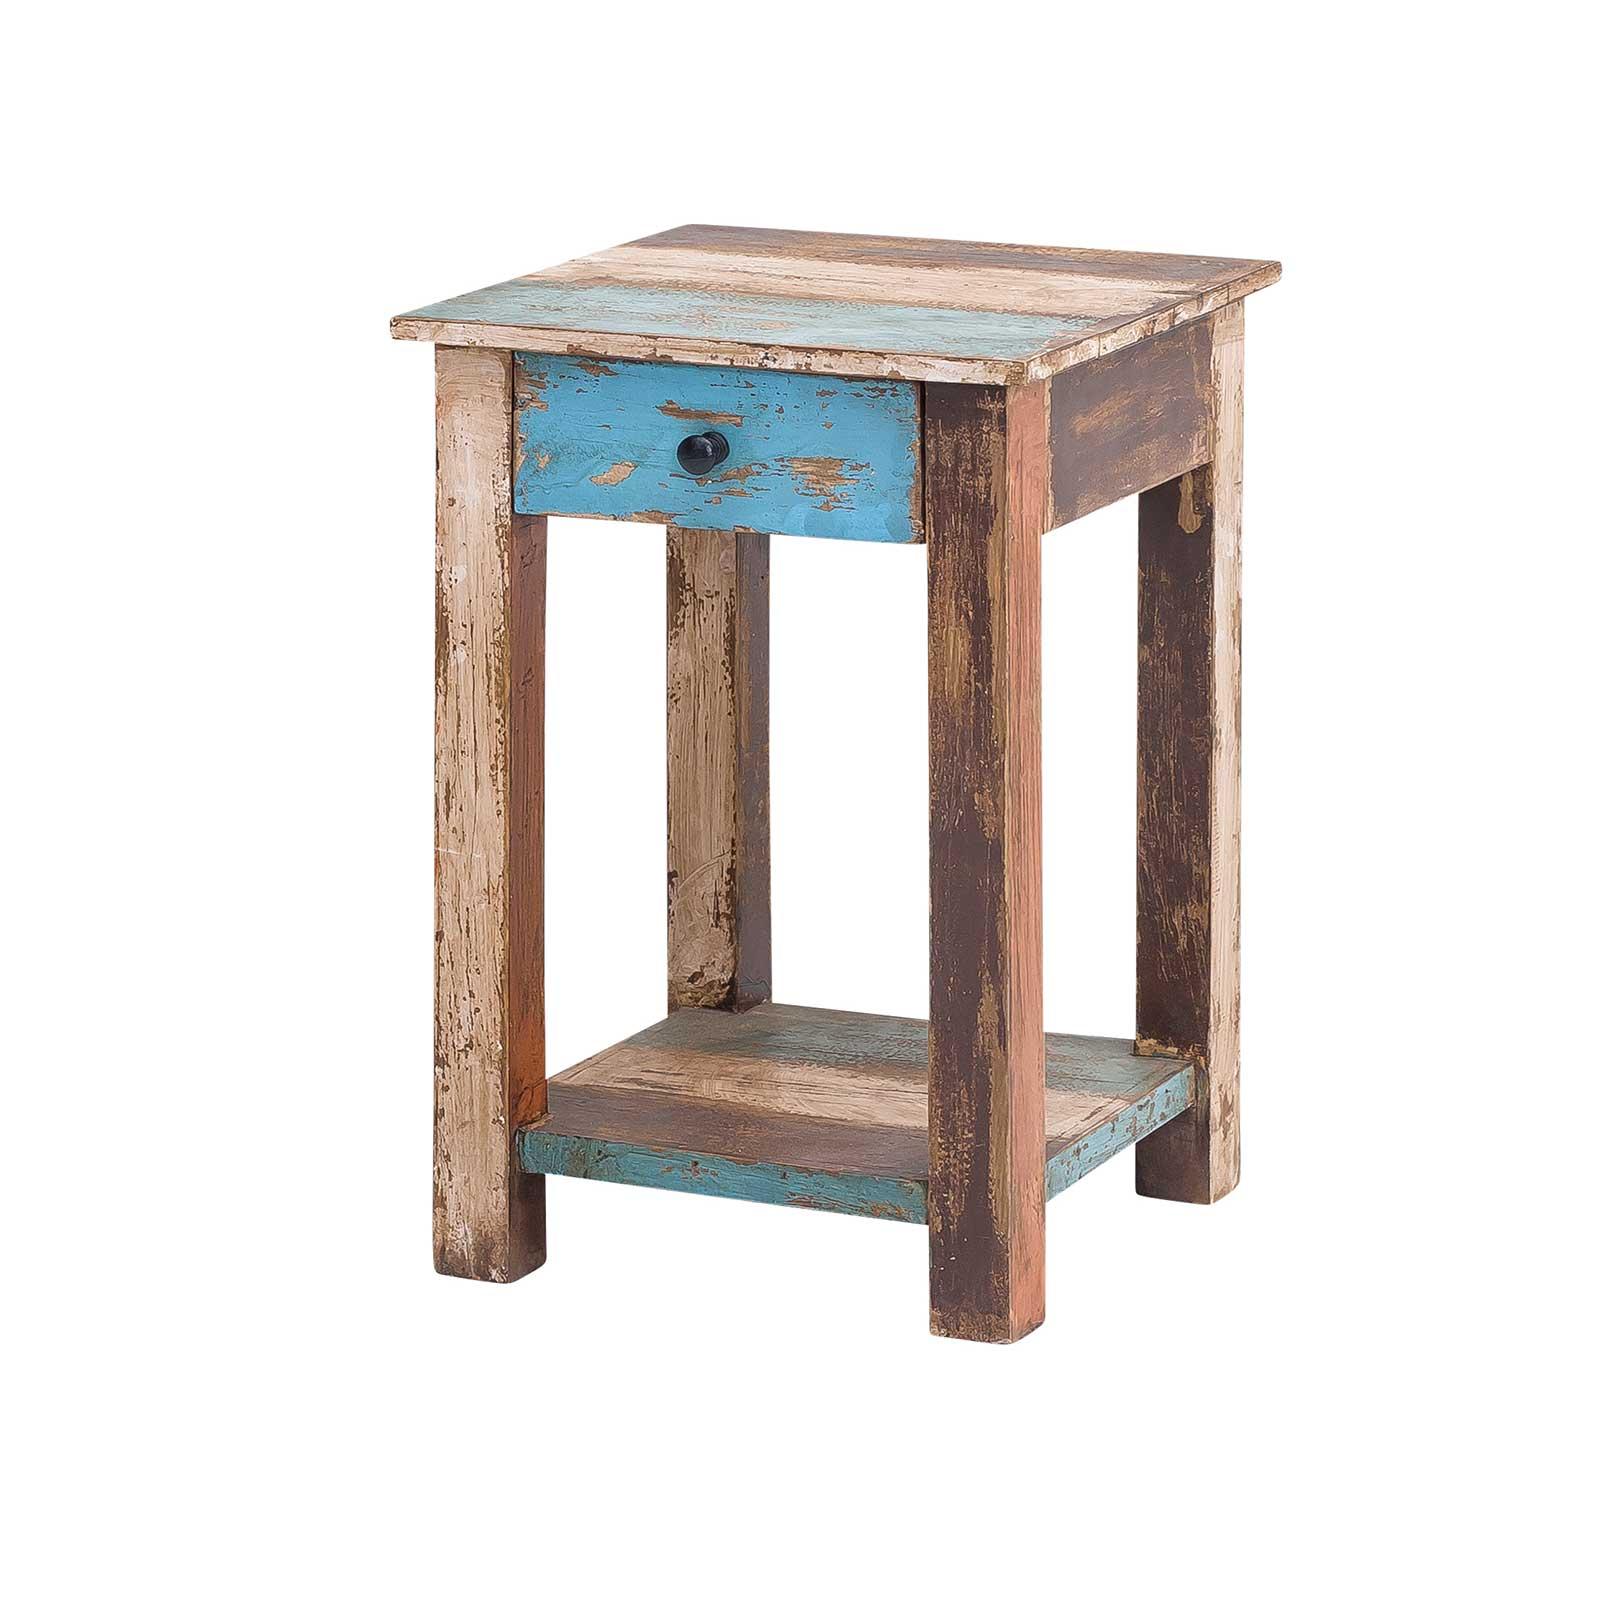 beistelltisch-largo-30-x-30-cm-aus-massivholz-im-vintage-look